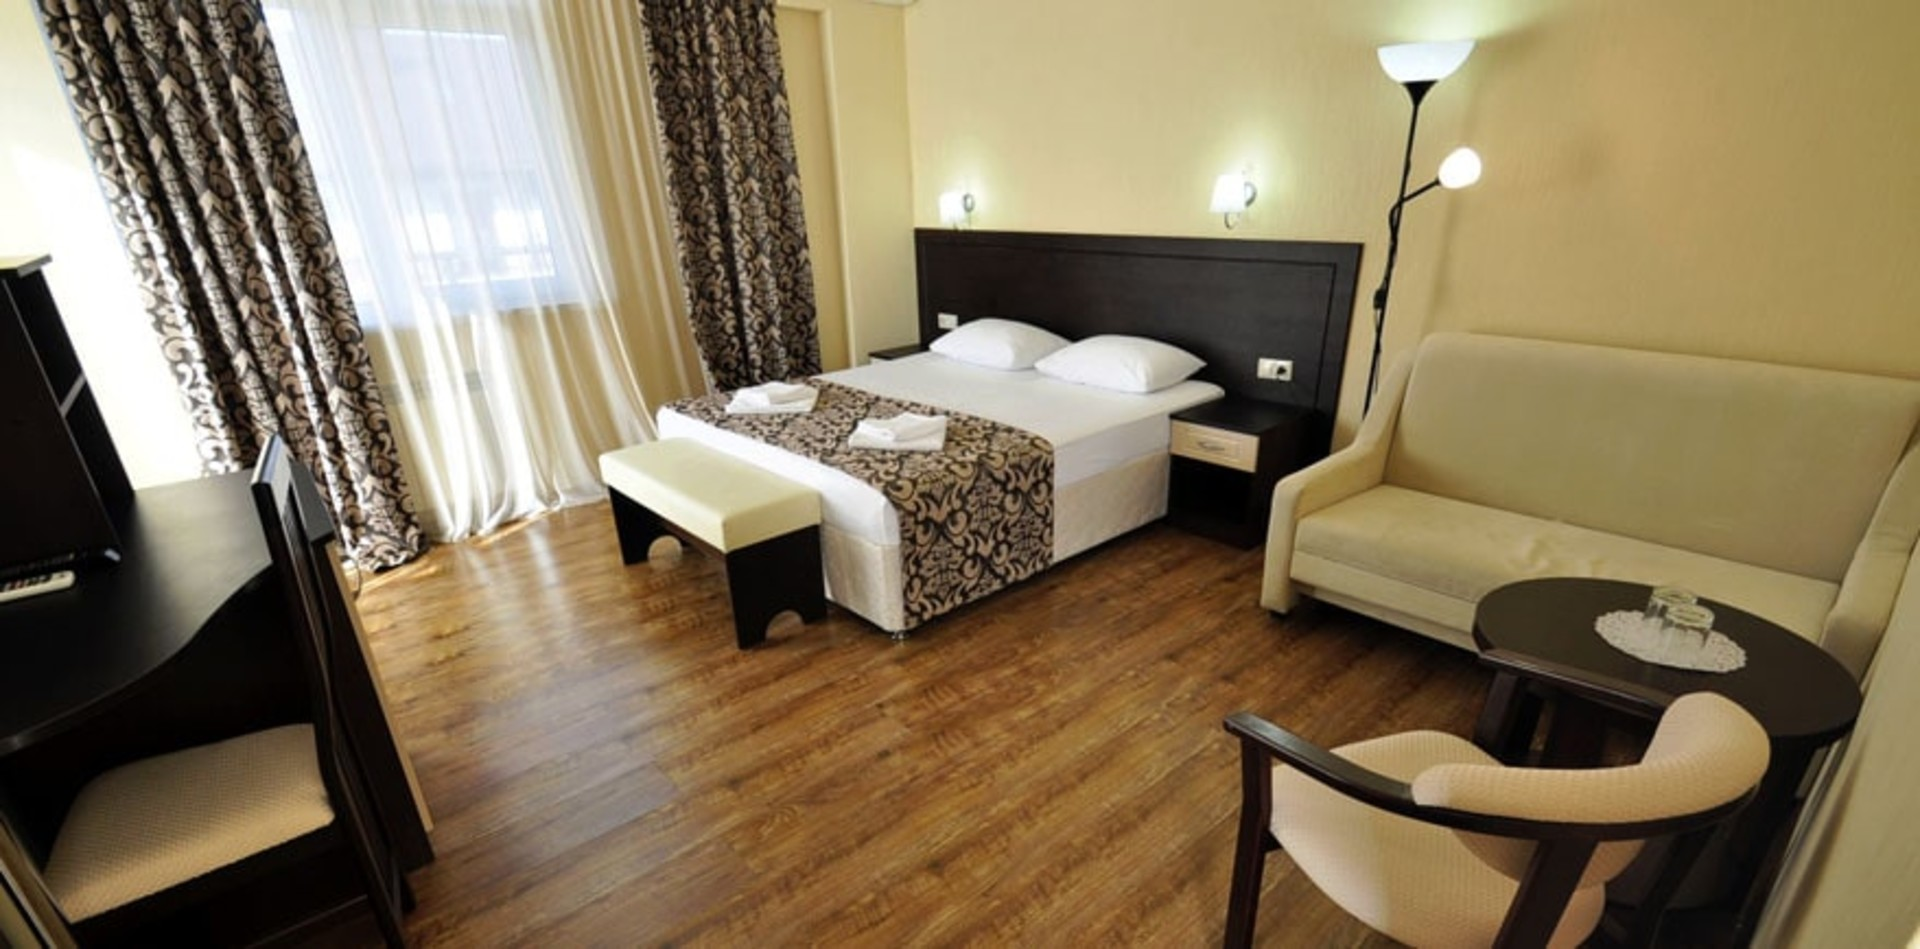 room-lgg5-min.jpg